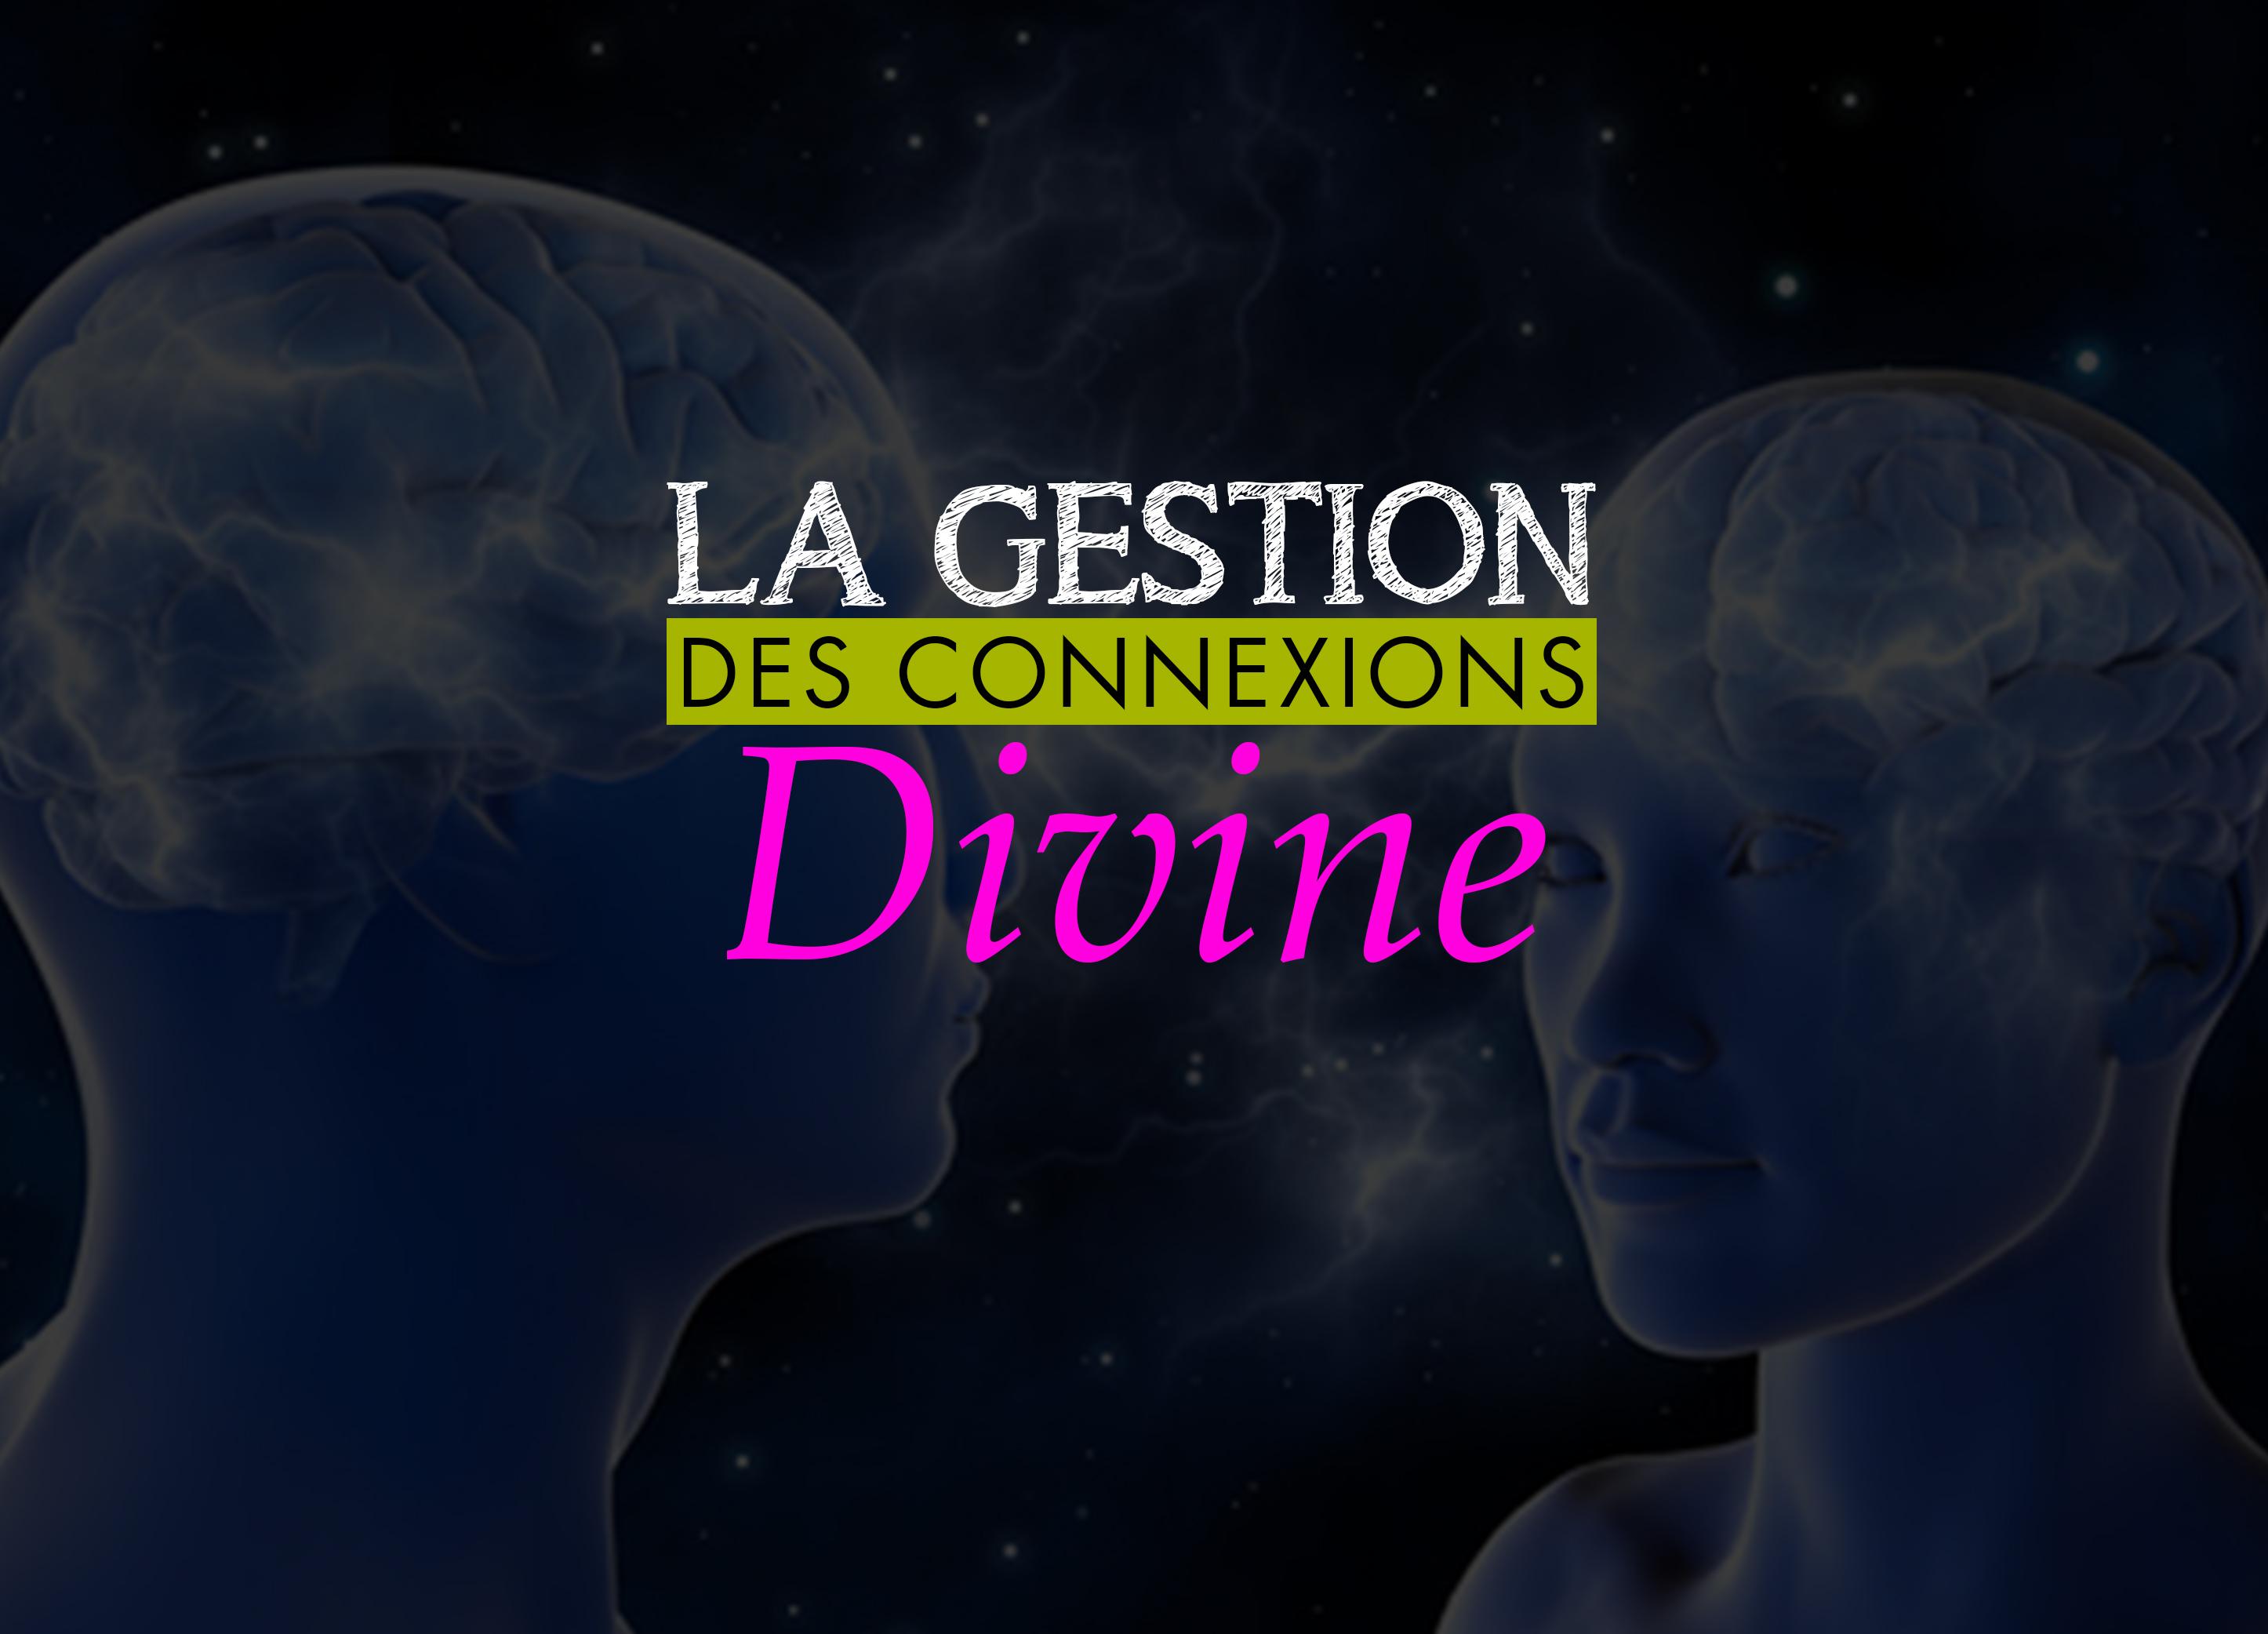 La gestion des connexions divines